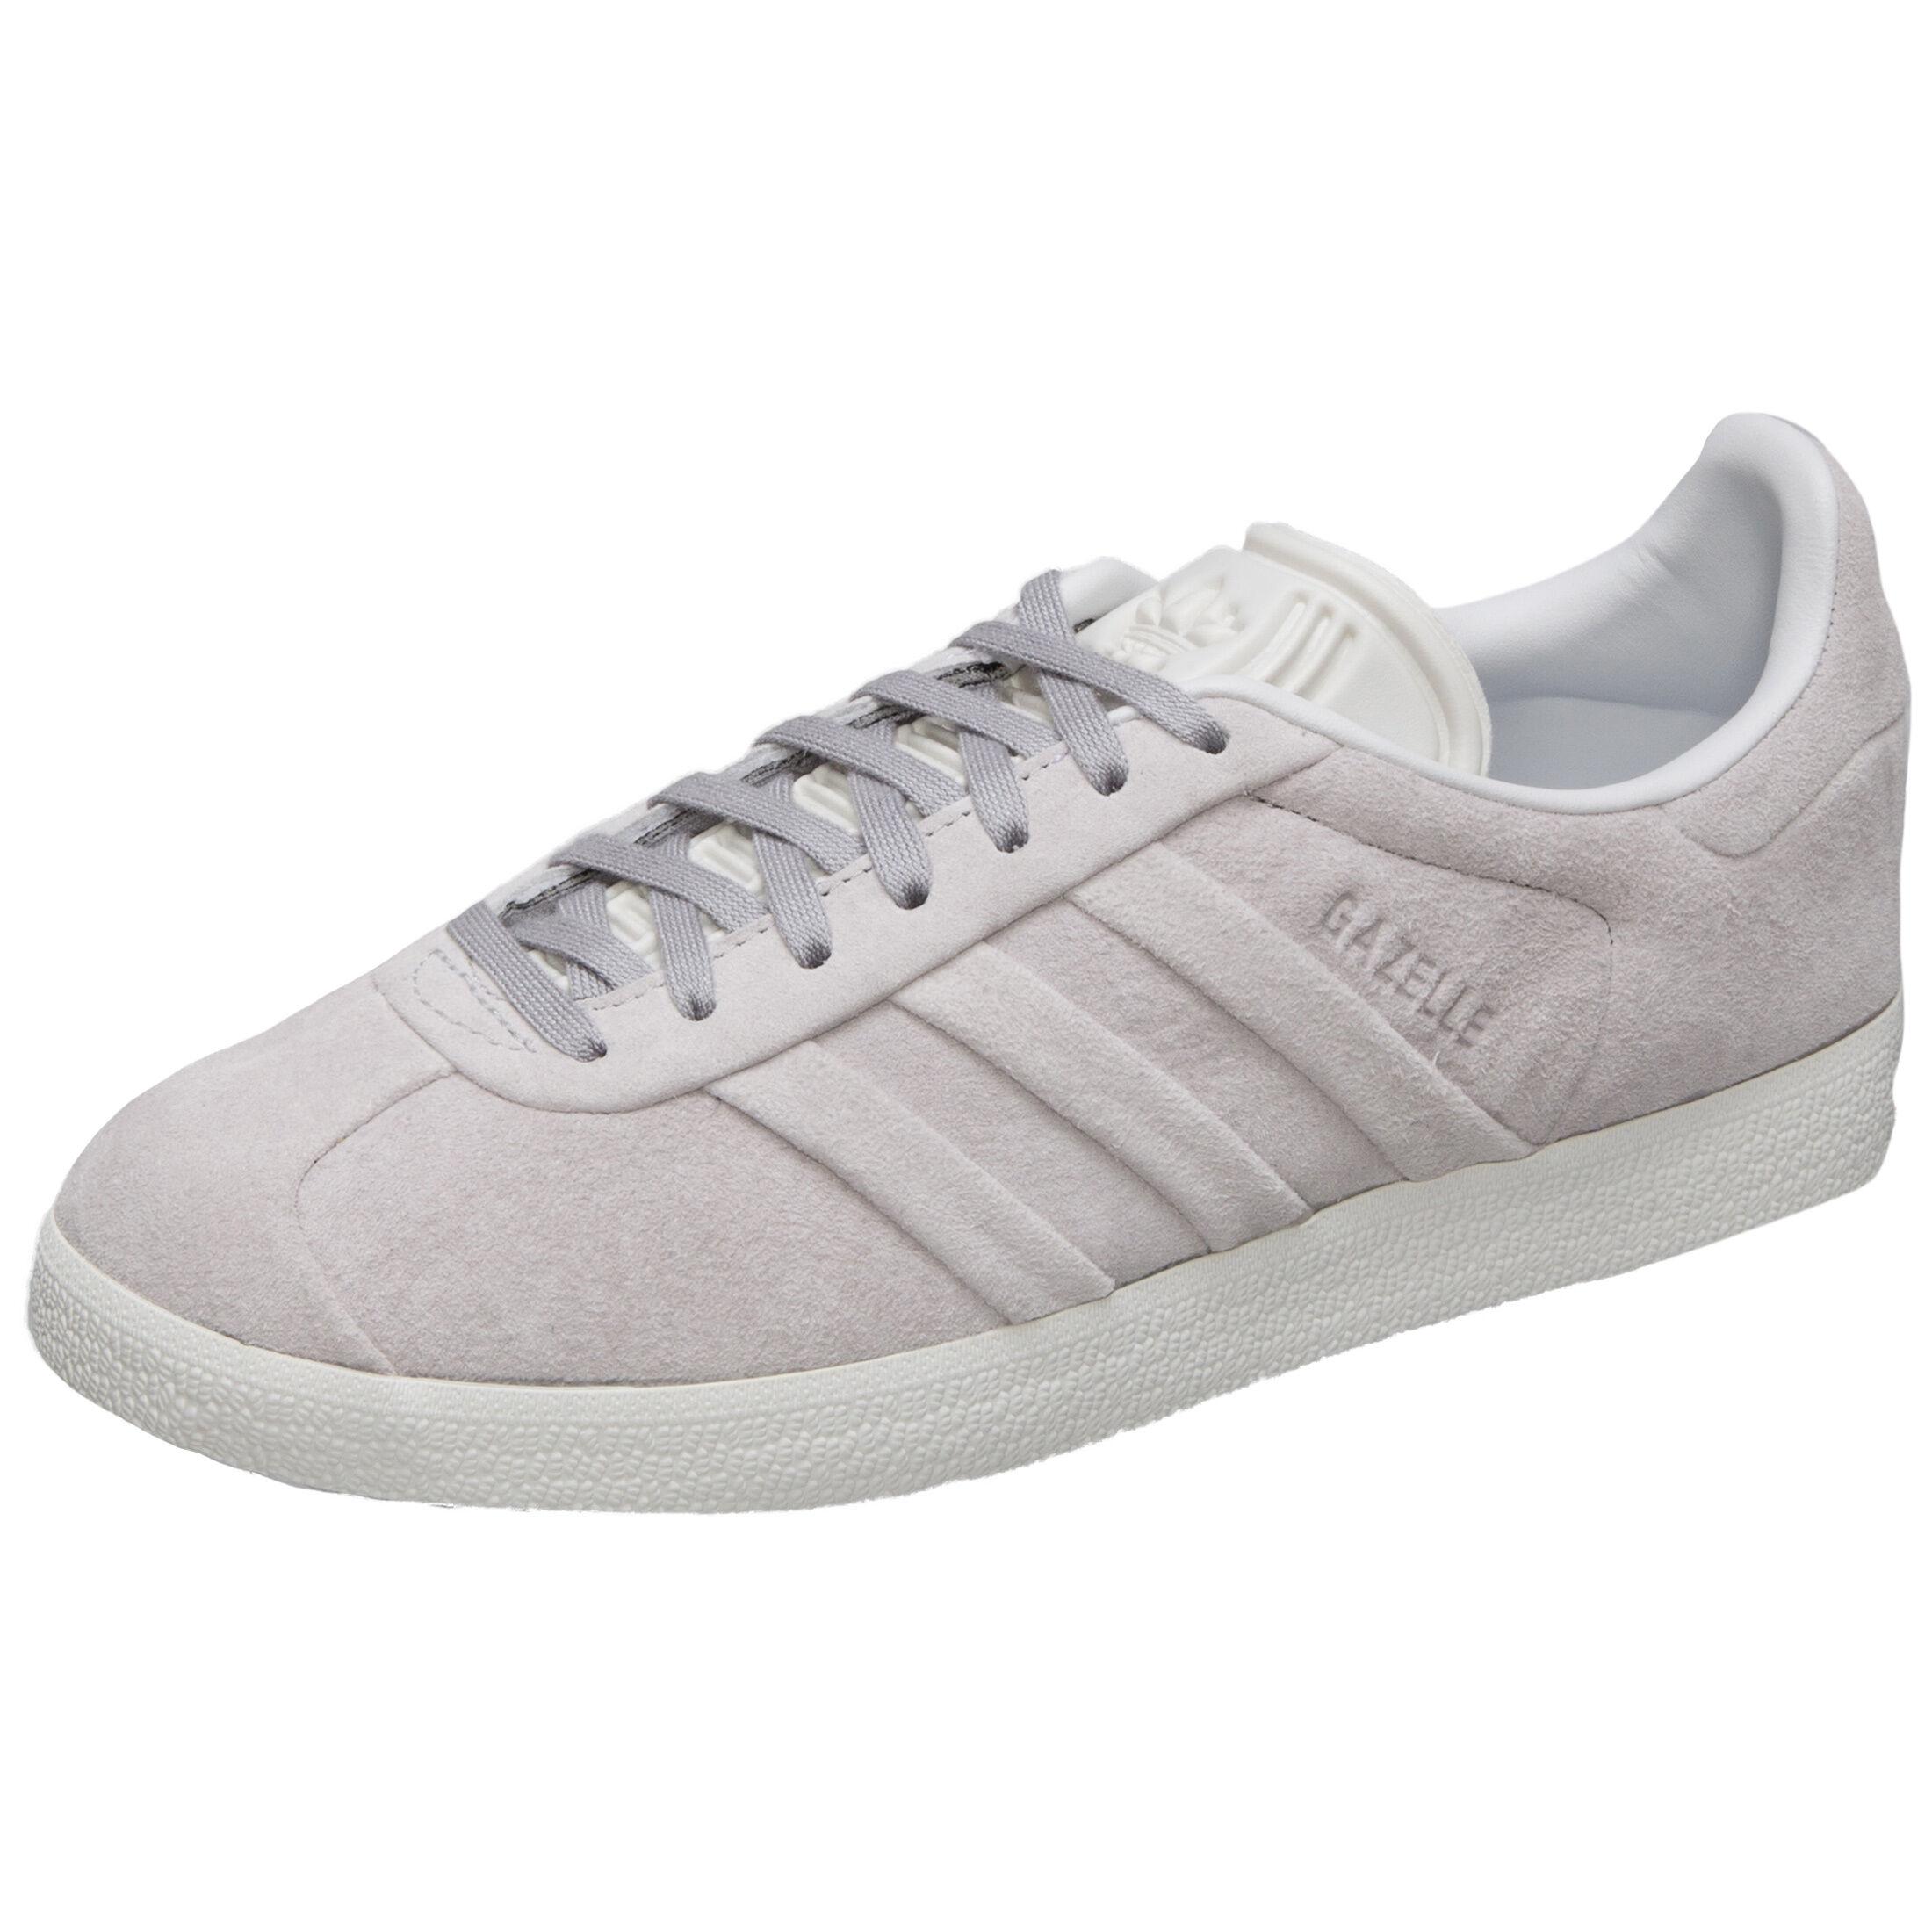 GazelleSneaker Bei Shop Lifestyle Outfitter Adidas Aj54LR3